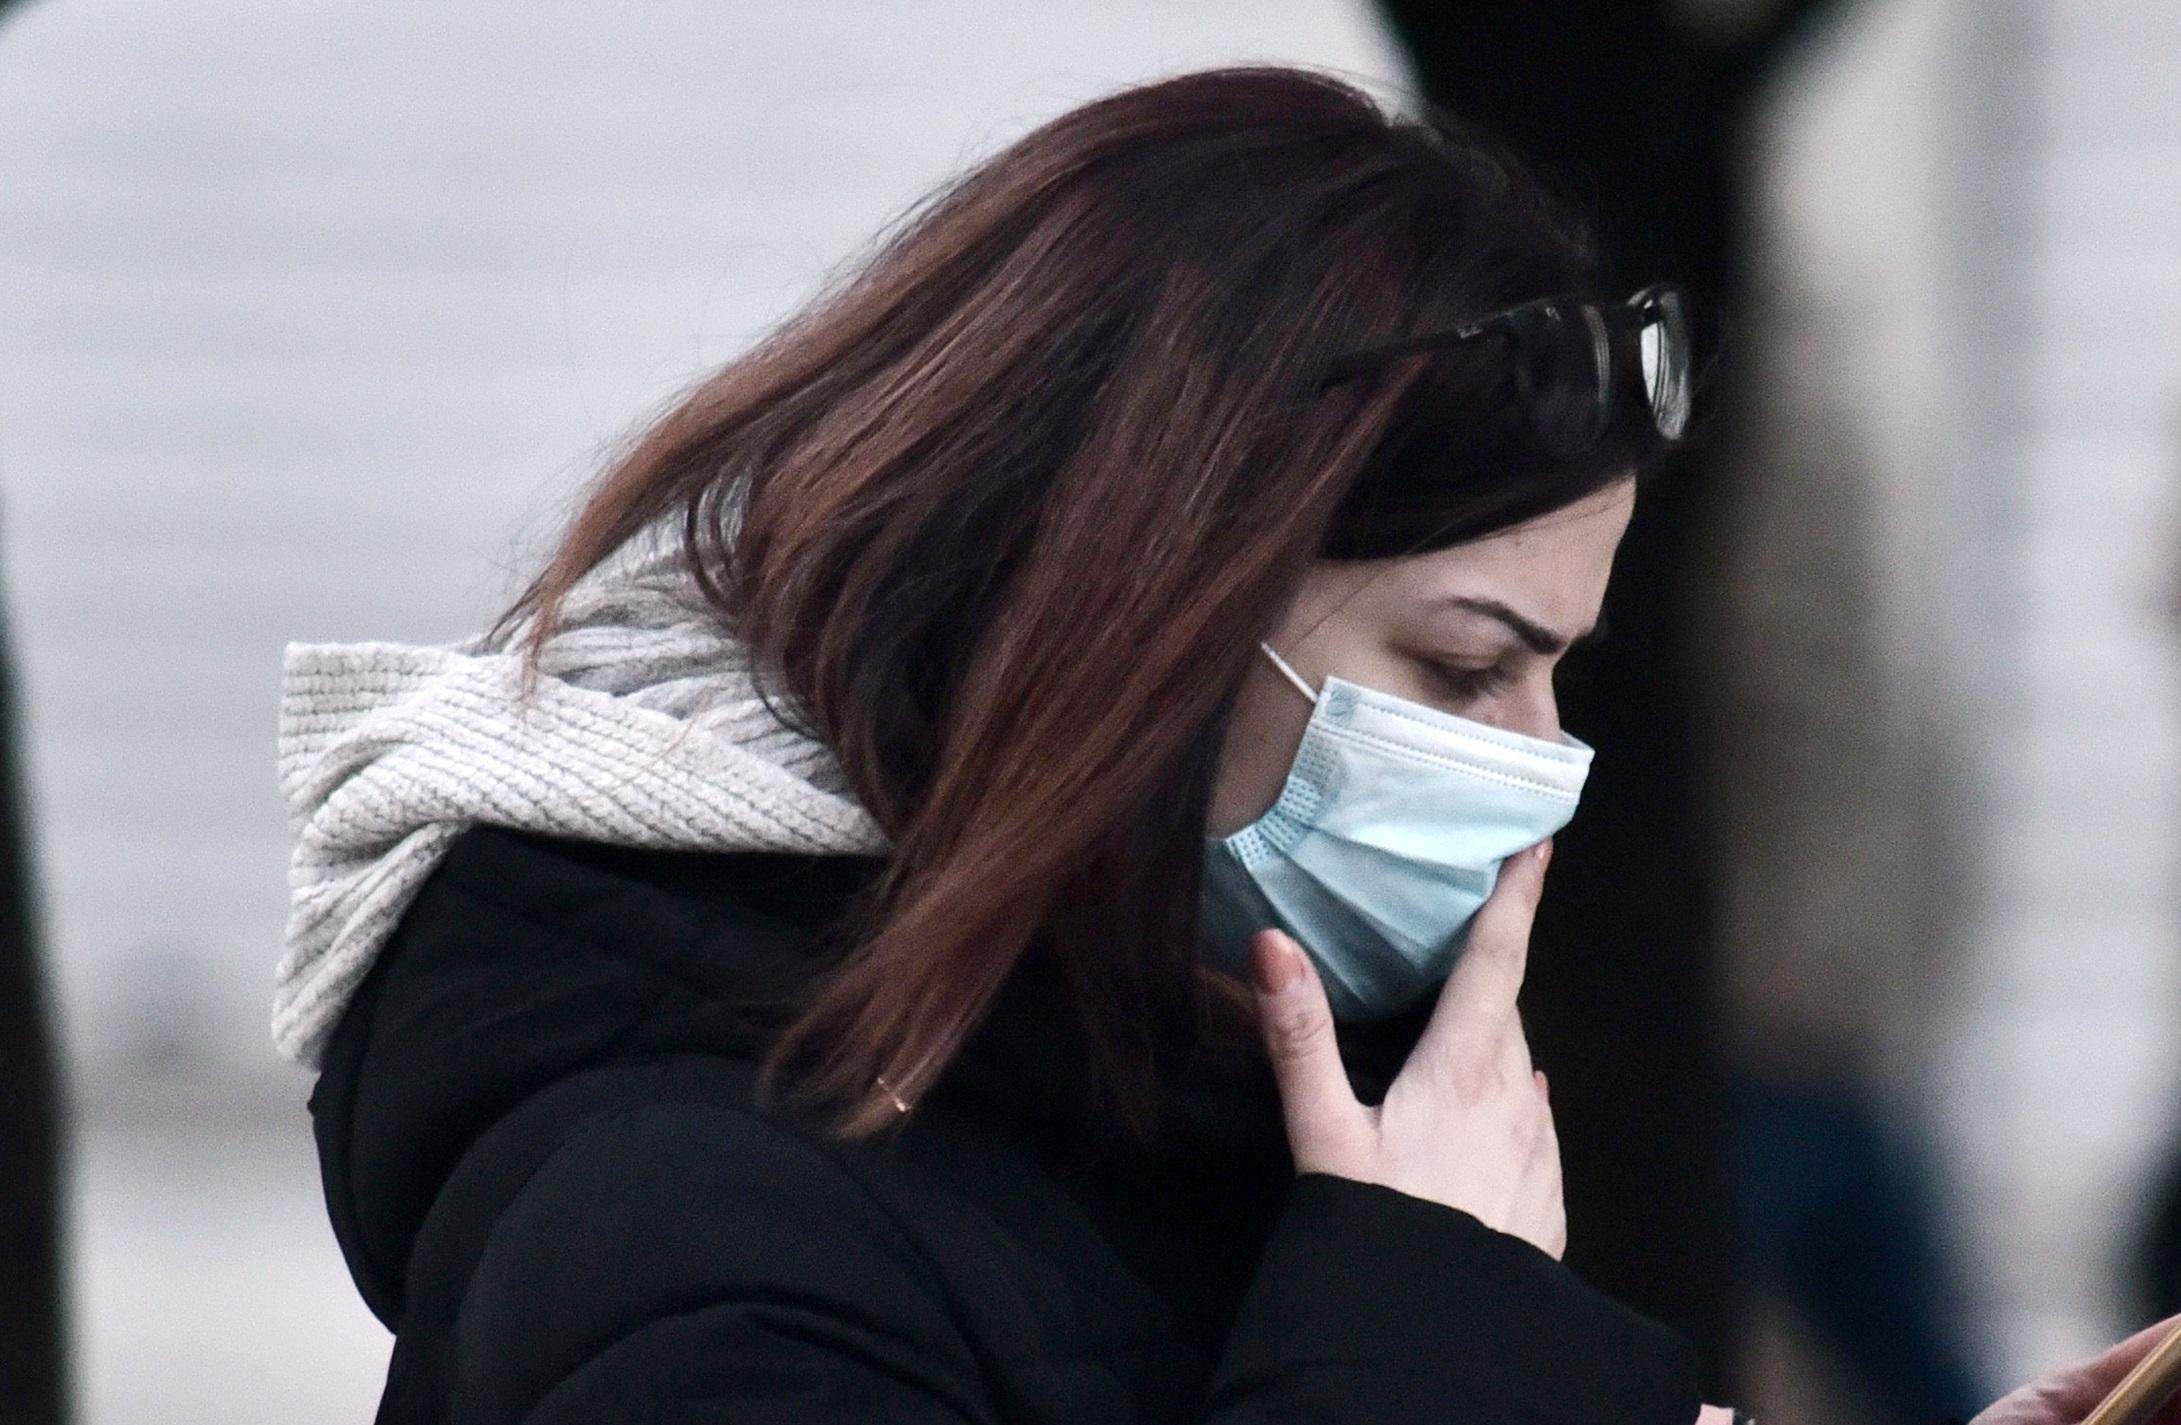 Το κοινό κρυολόγημα μας προστατεύει από τον κορονοϊό – Τι λένε οι ειδικοί